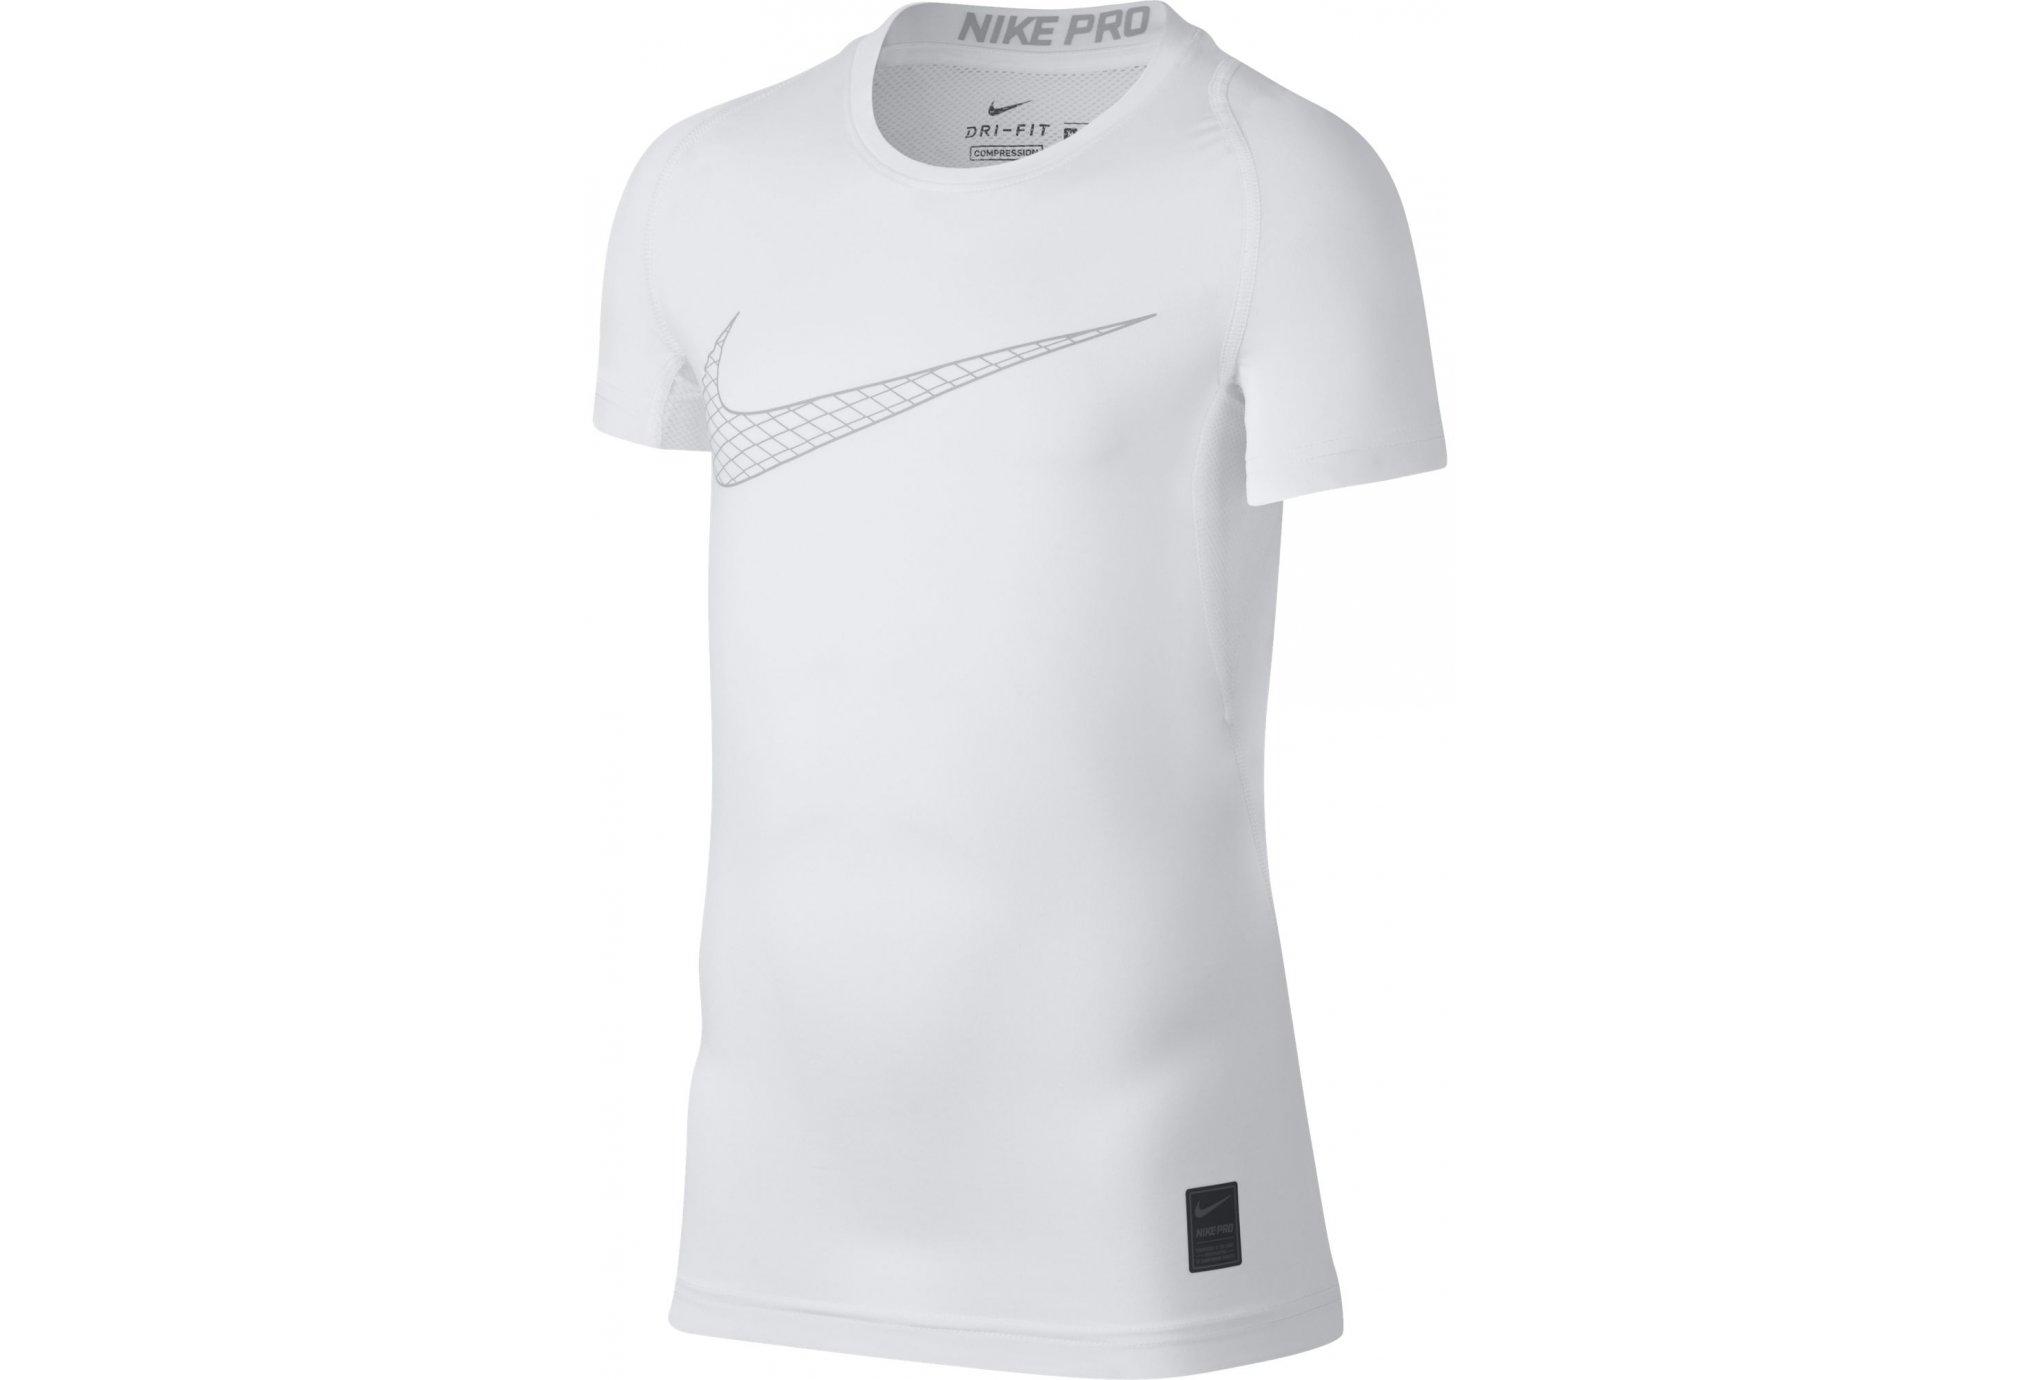 Nike Pro Junior vêtement running homme